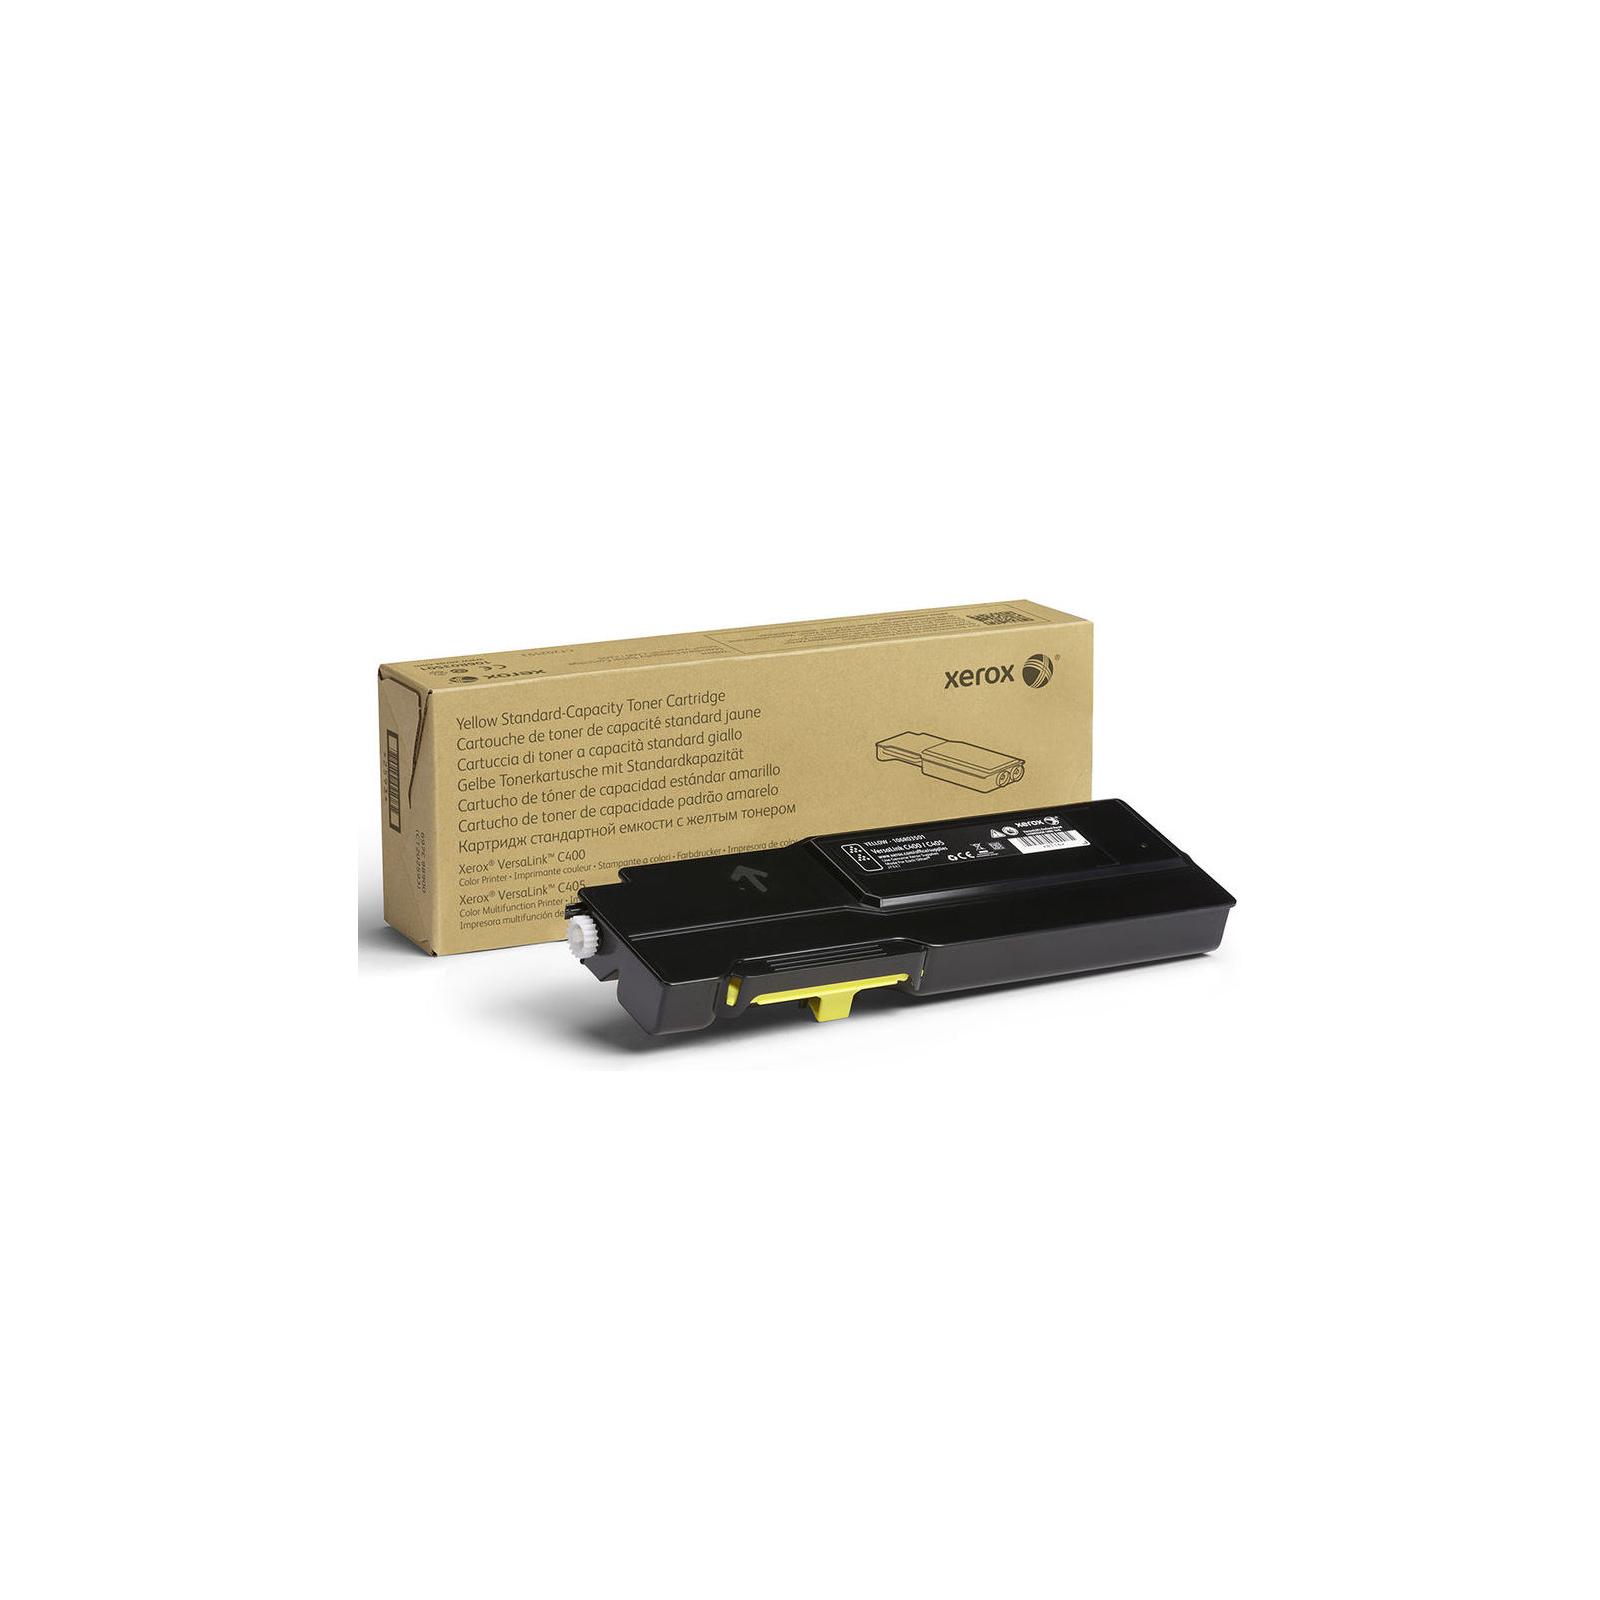 Картридж XEROX VL C400/405 Yellow 4.8K (106R03521)